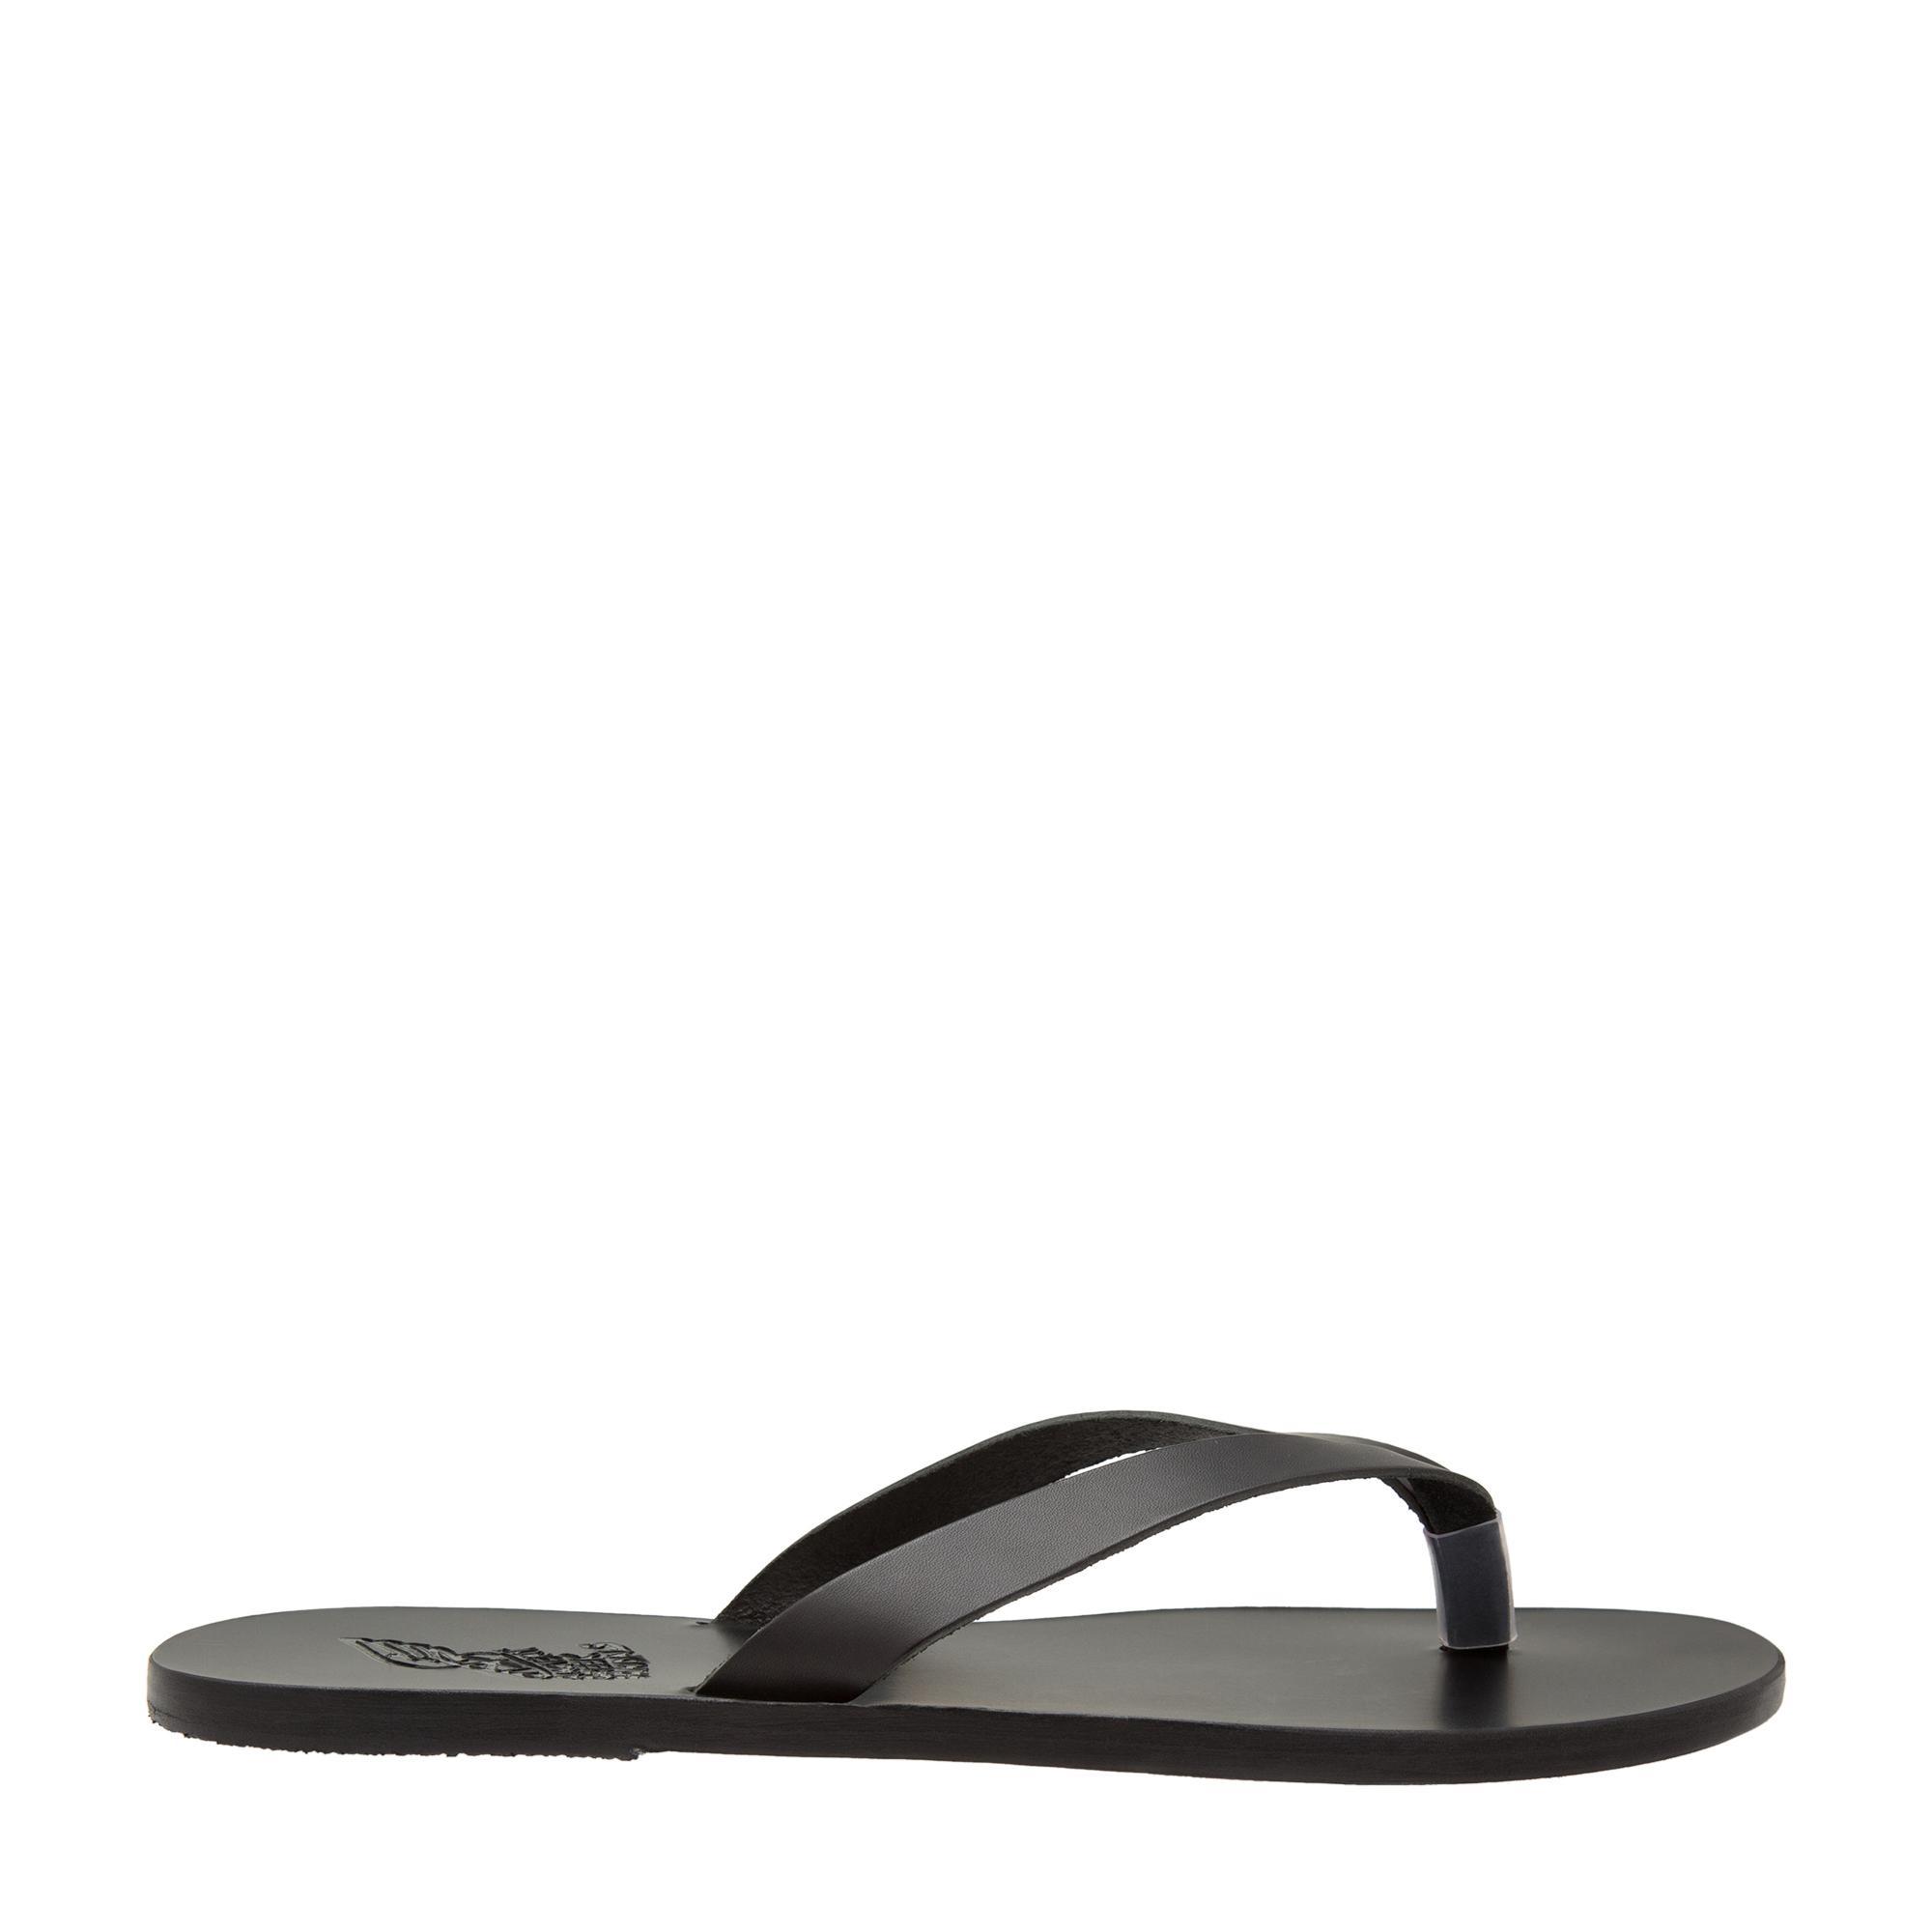 Hero sandals